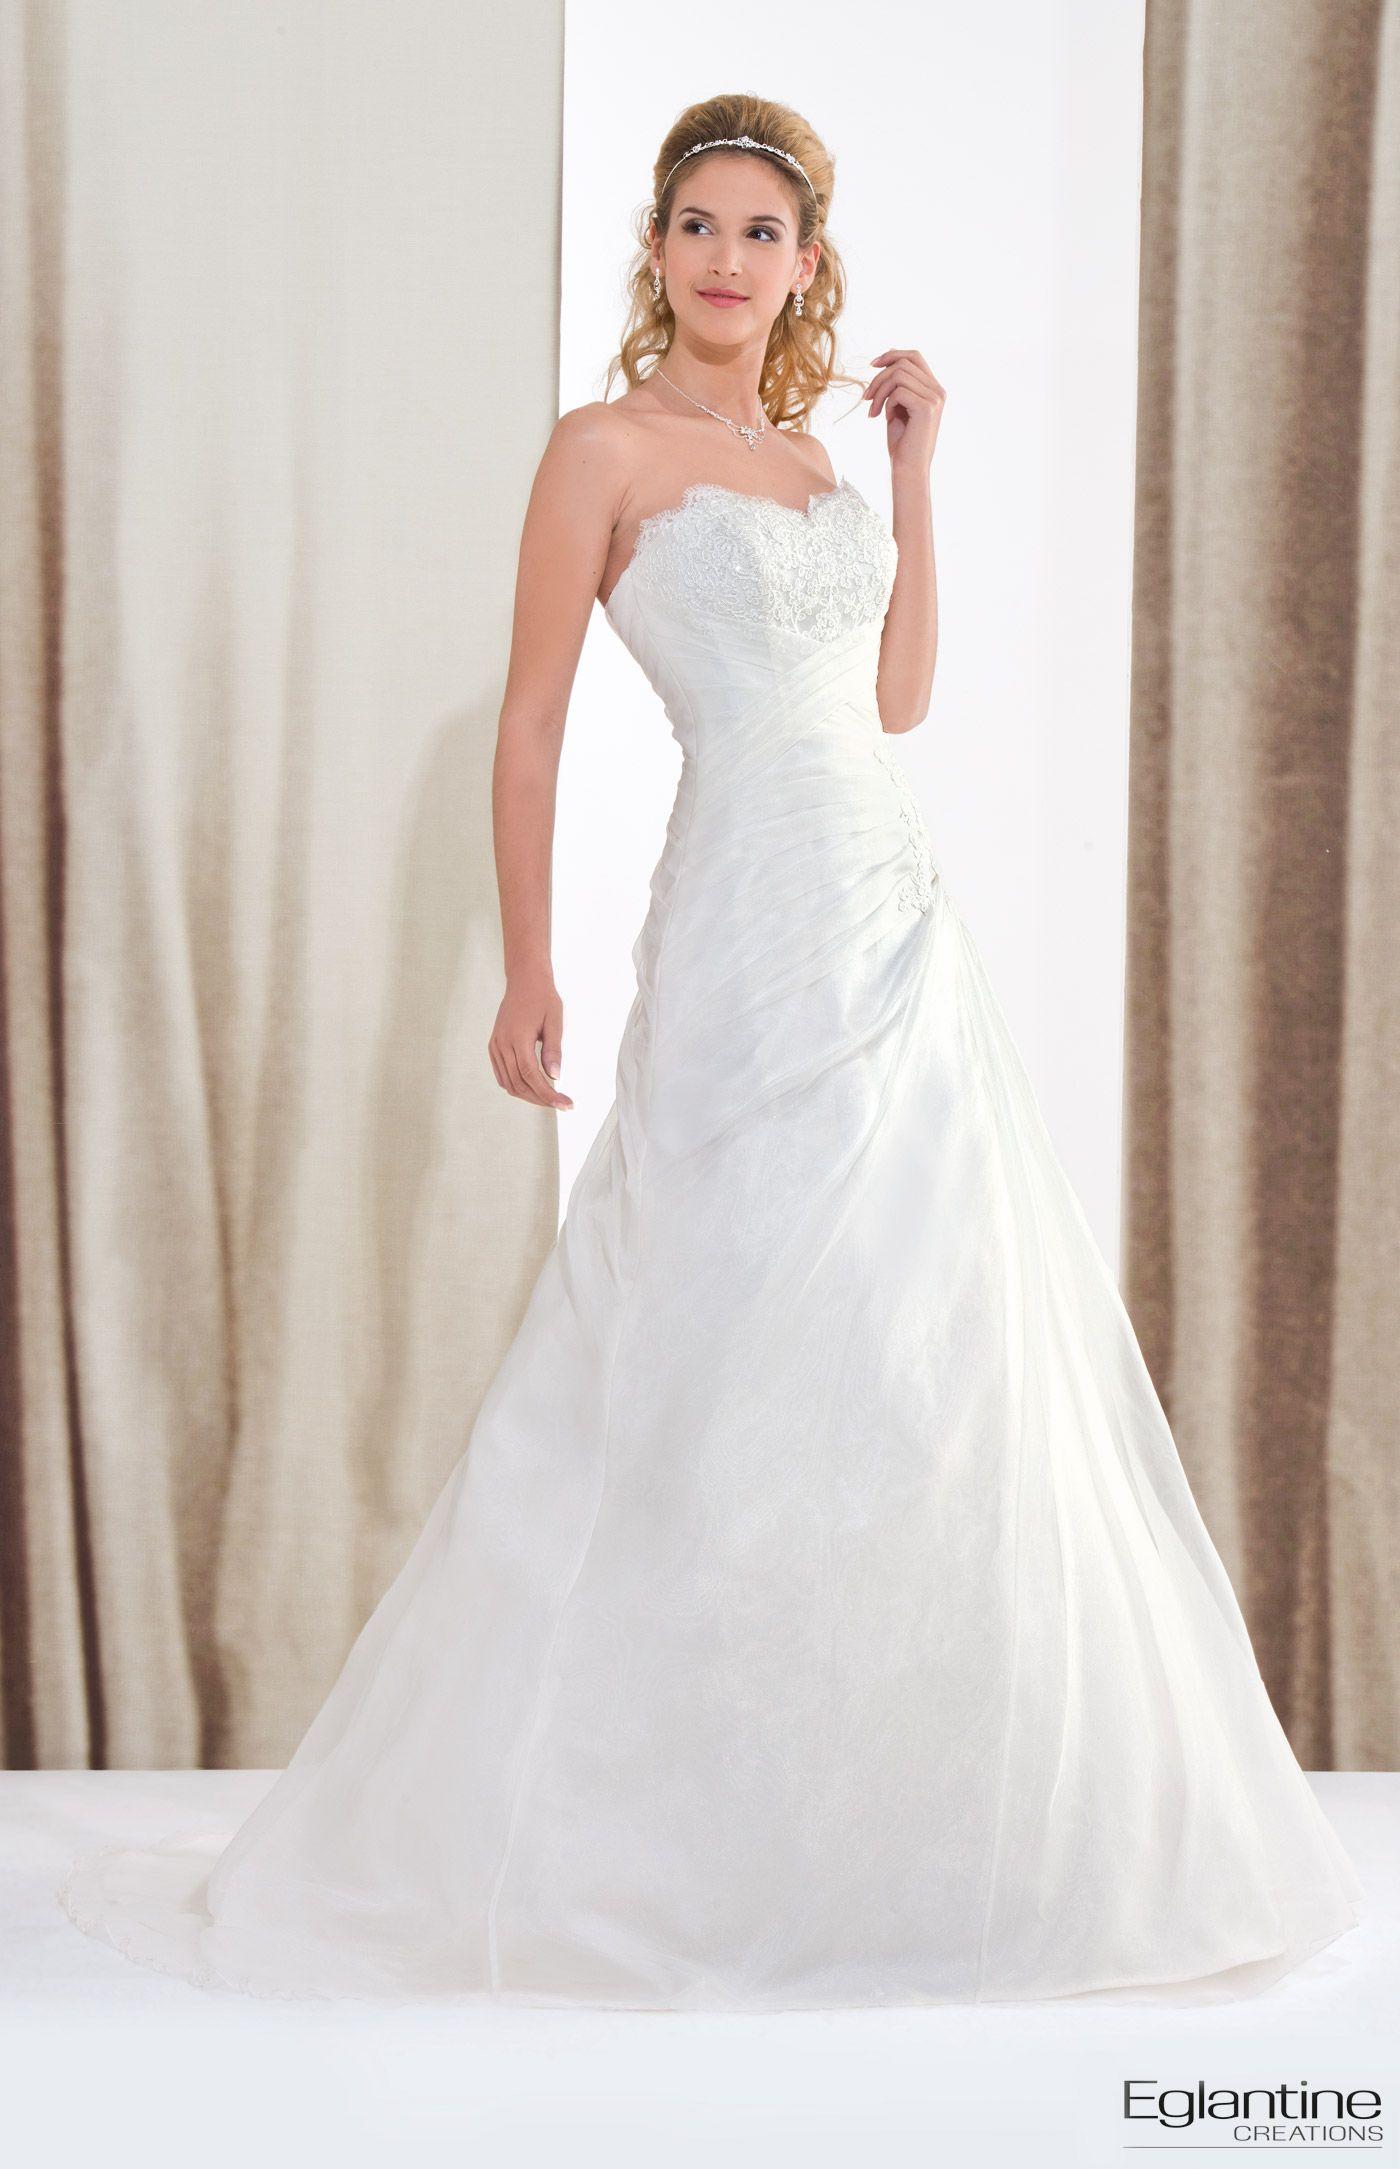 fdf7a2425d2 Robe de mariée drapée en organza. Décolleté cœur orné de dentelle et jupe  vaporeuse avec drapé d organza. Fermeture et boutons recouverts dans le dos.